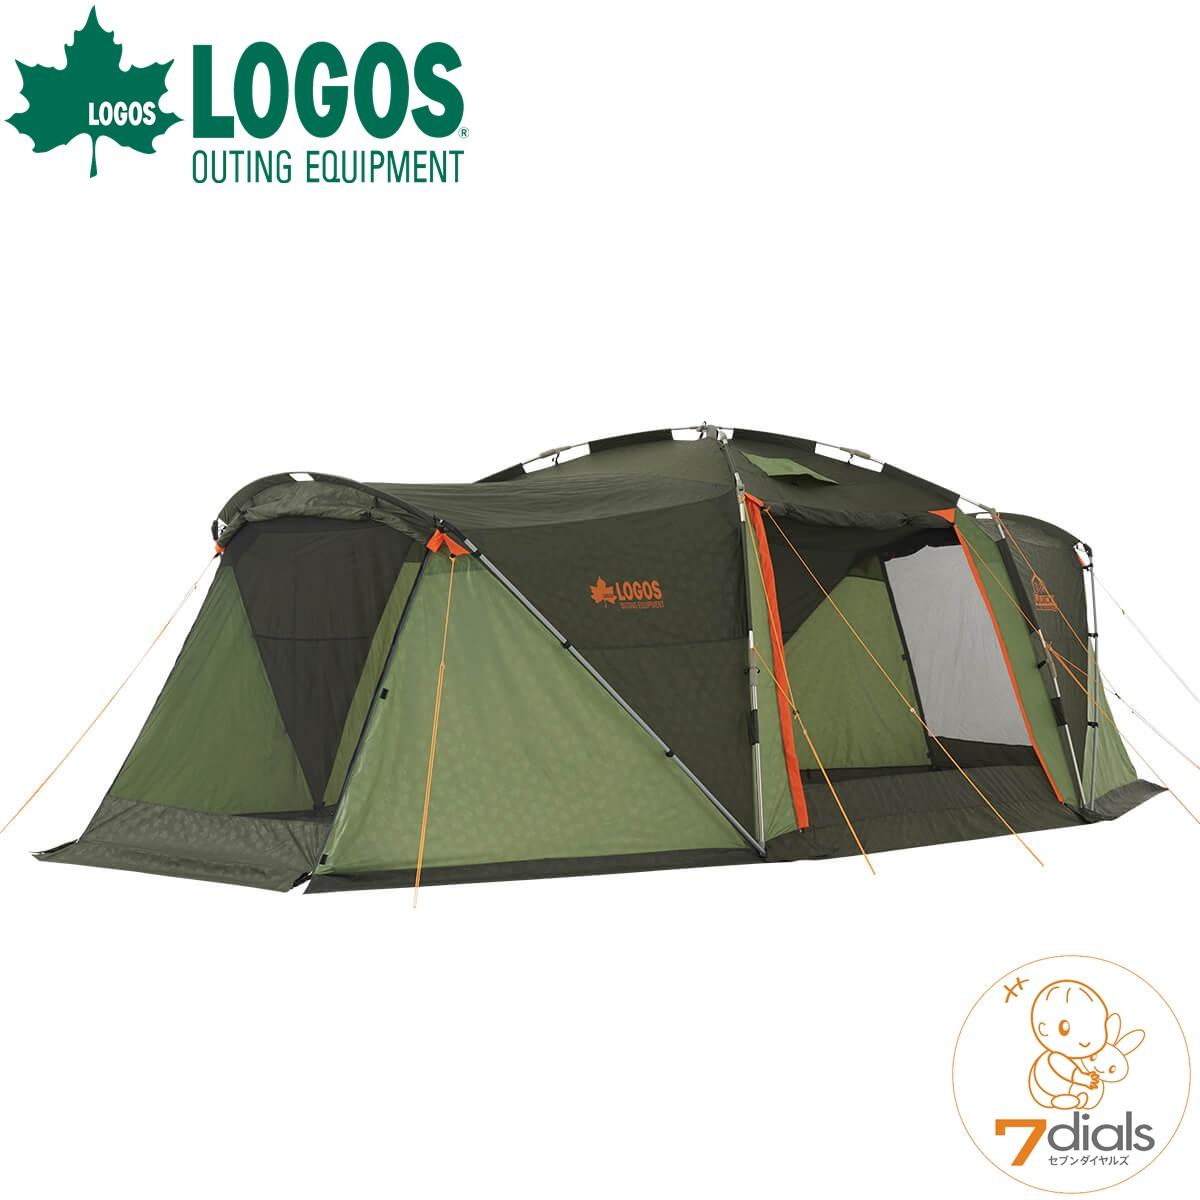 LOGOS/ロゴス スペースベース ドックスクリーン-N 大型テント【送料無料】